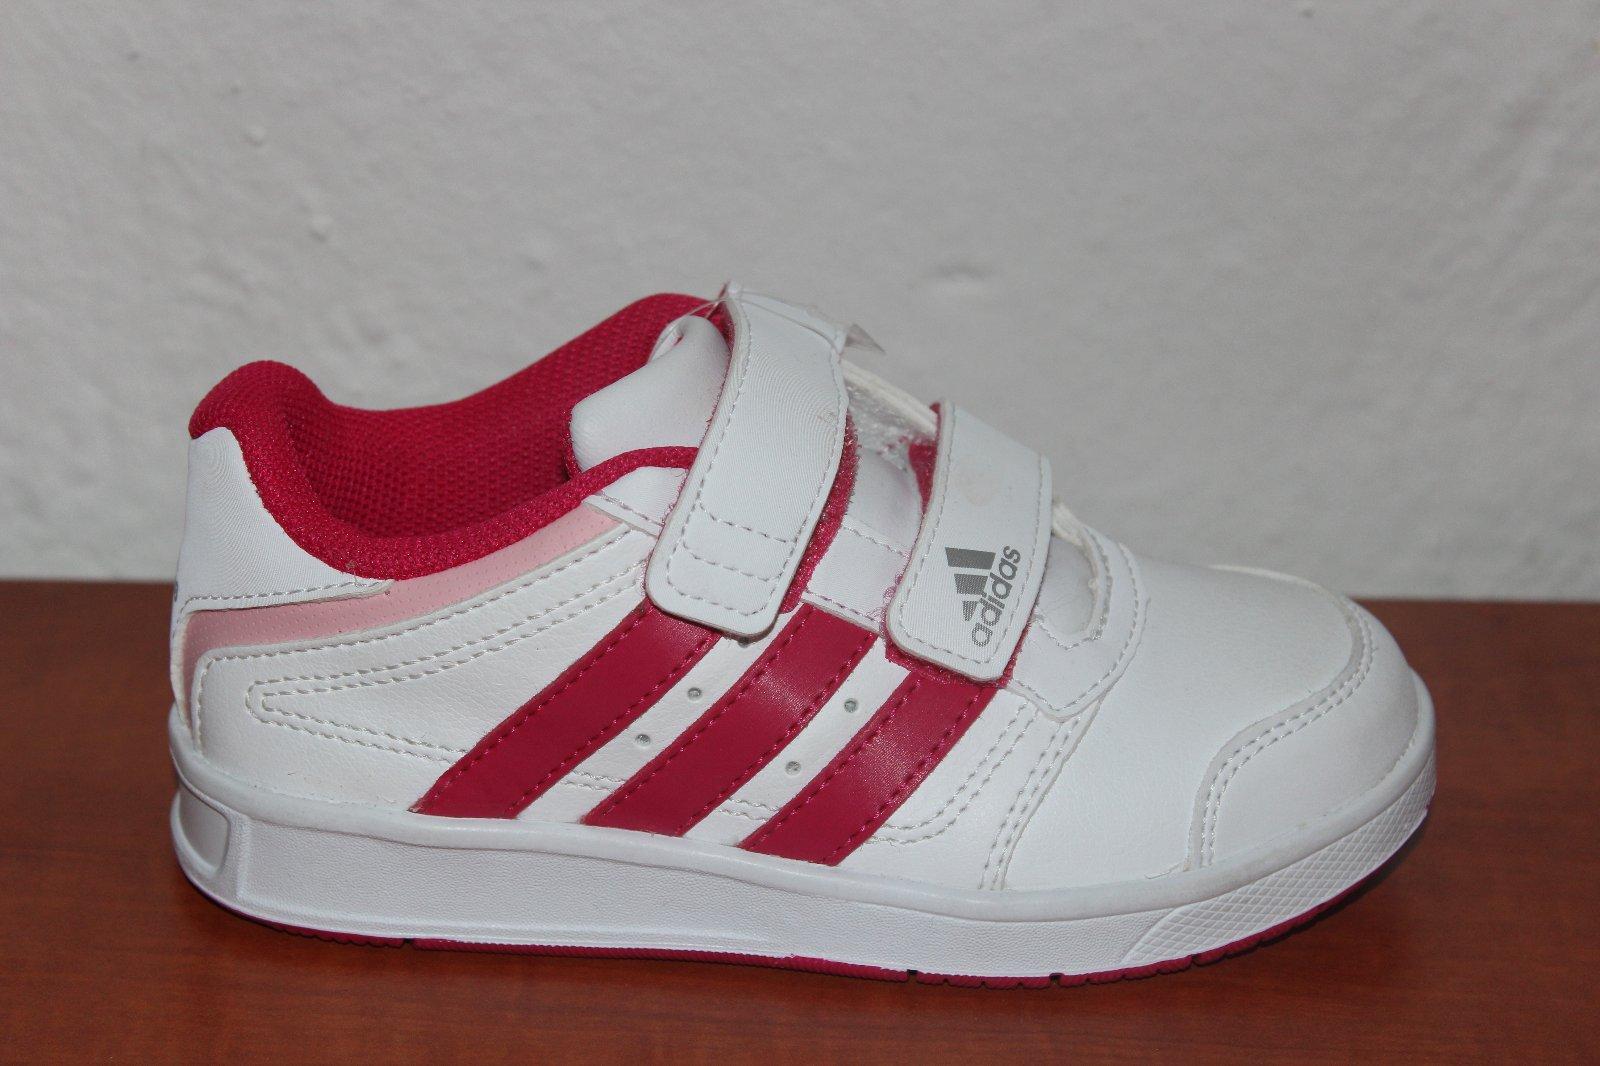 Dievčenské tenisky adidas 5846 b db8923f2db3